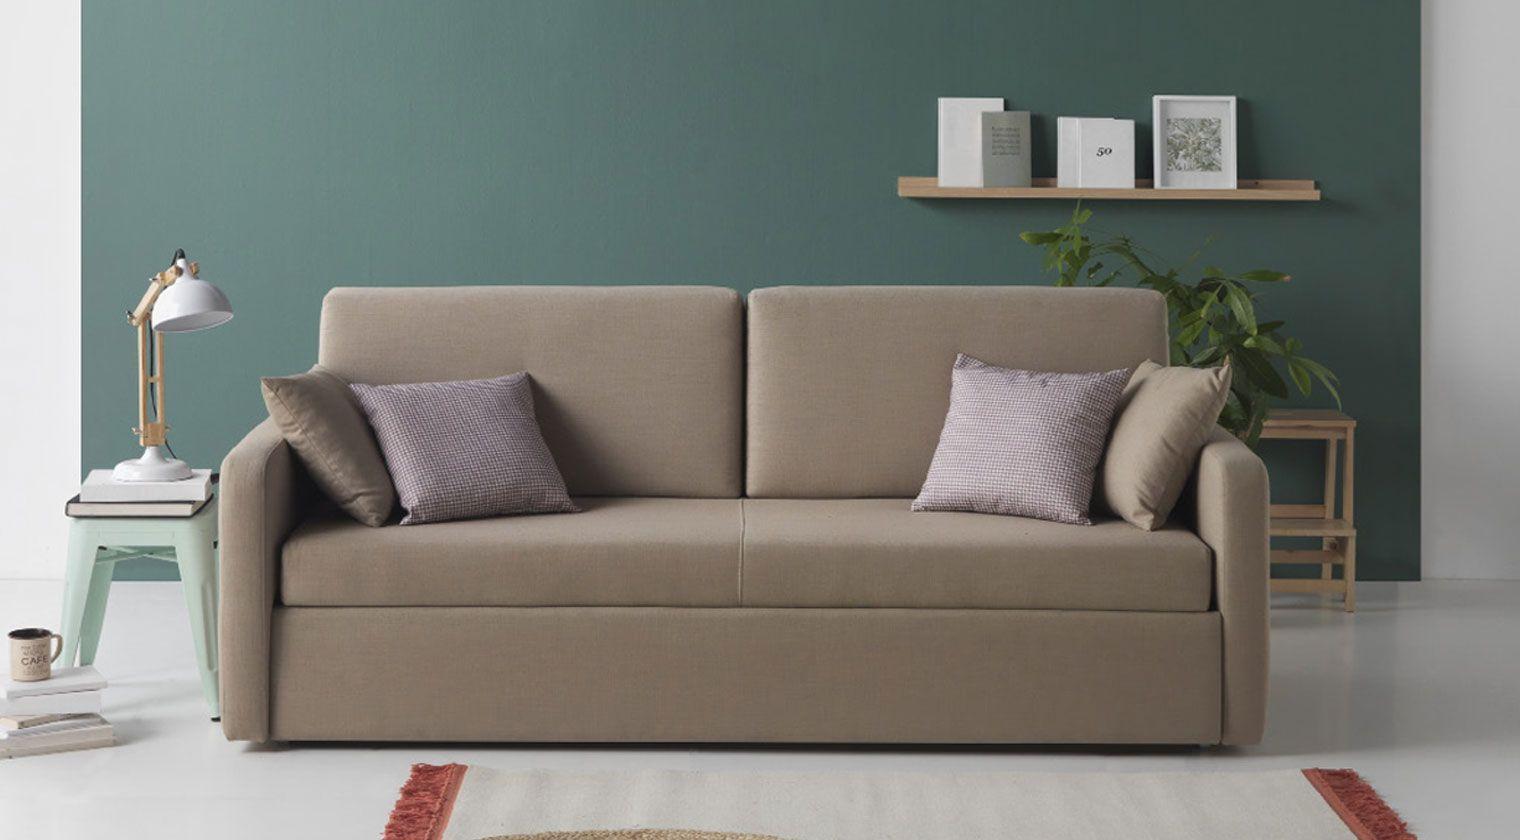 Comprar sof cama tours 2 plazas cama de 120x190 cm bonus for Cama 120x190